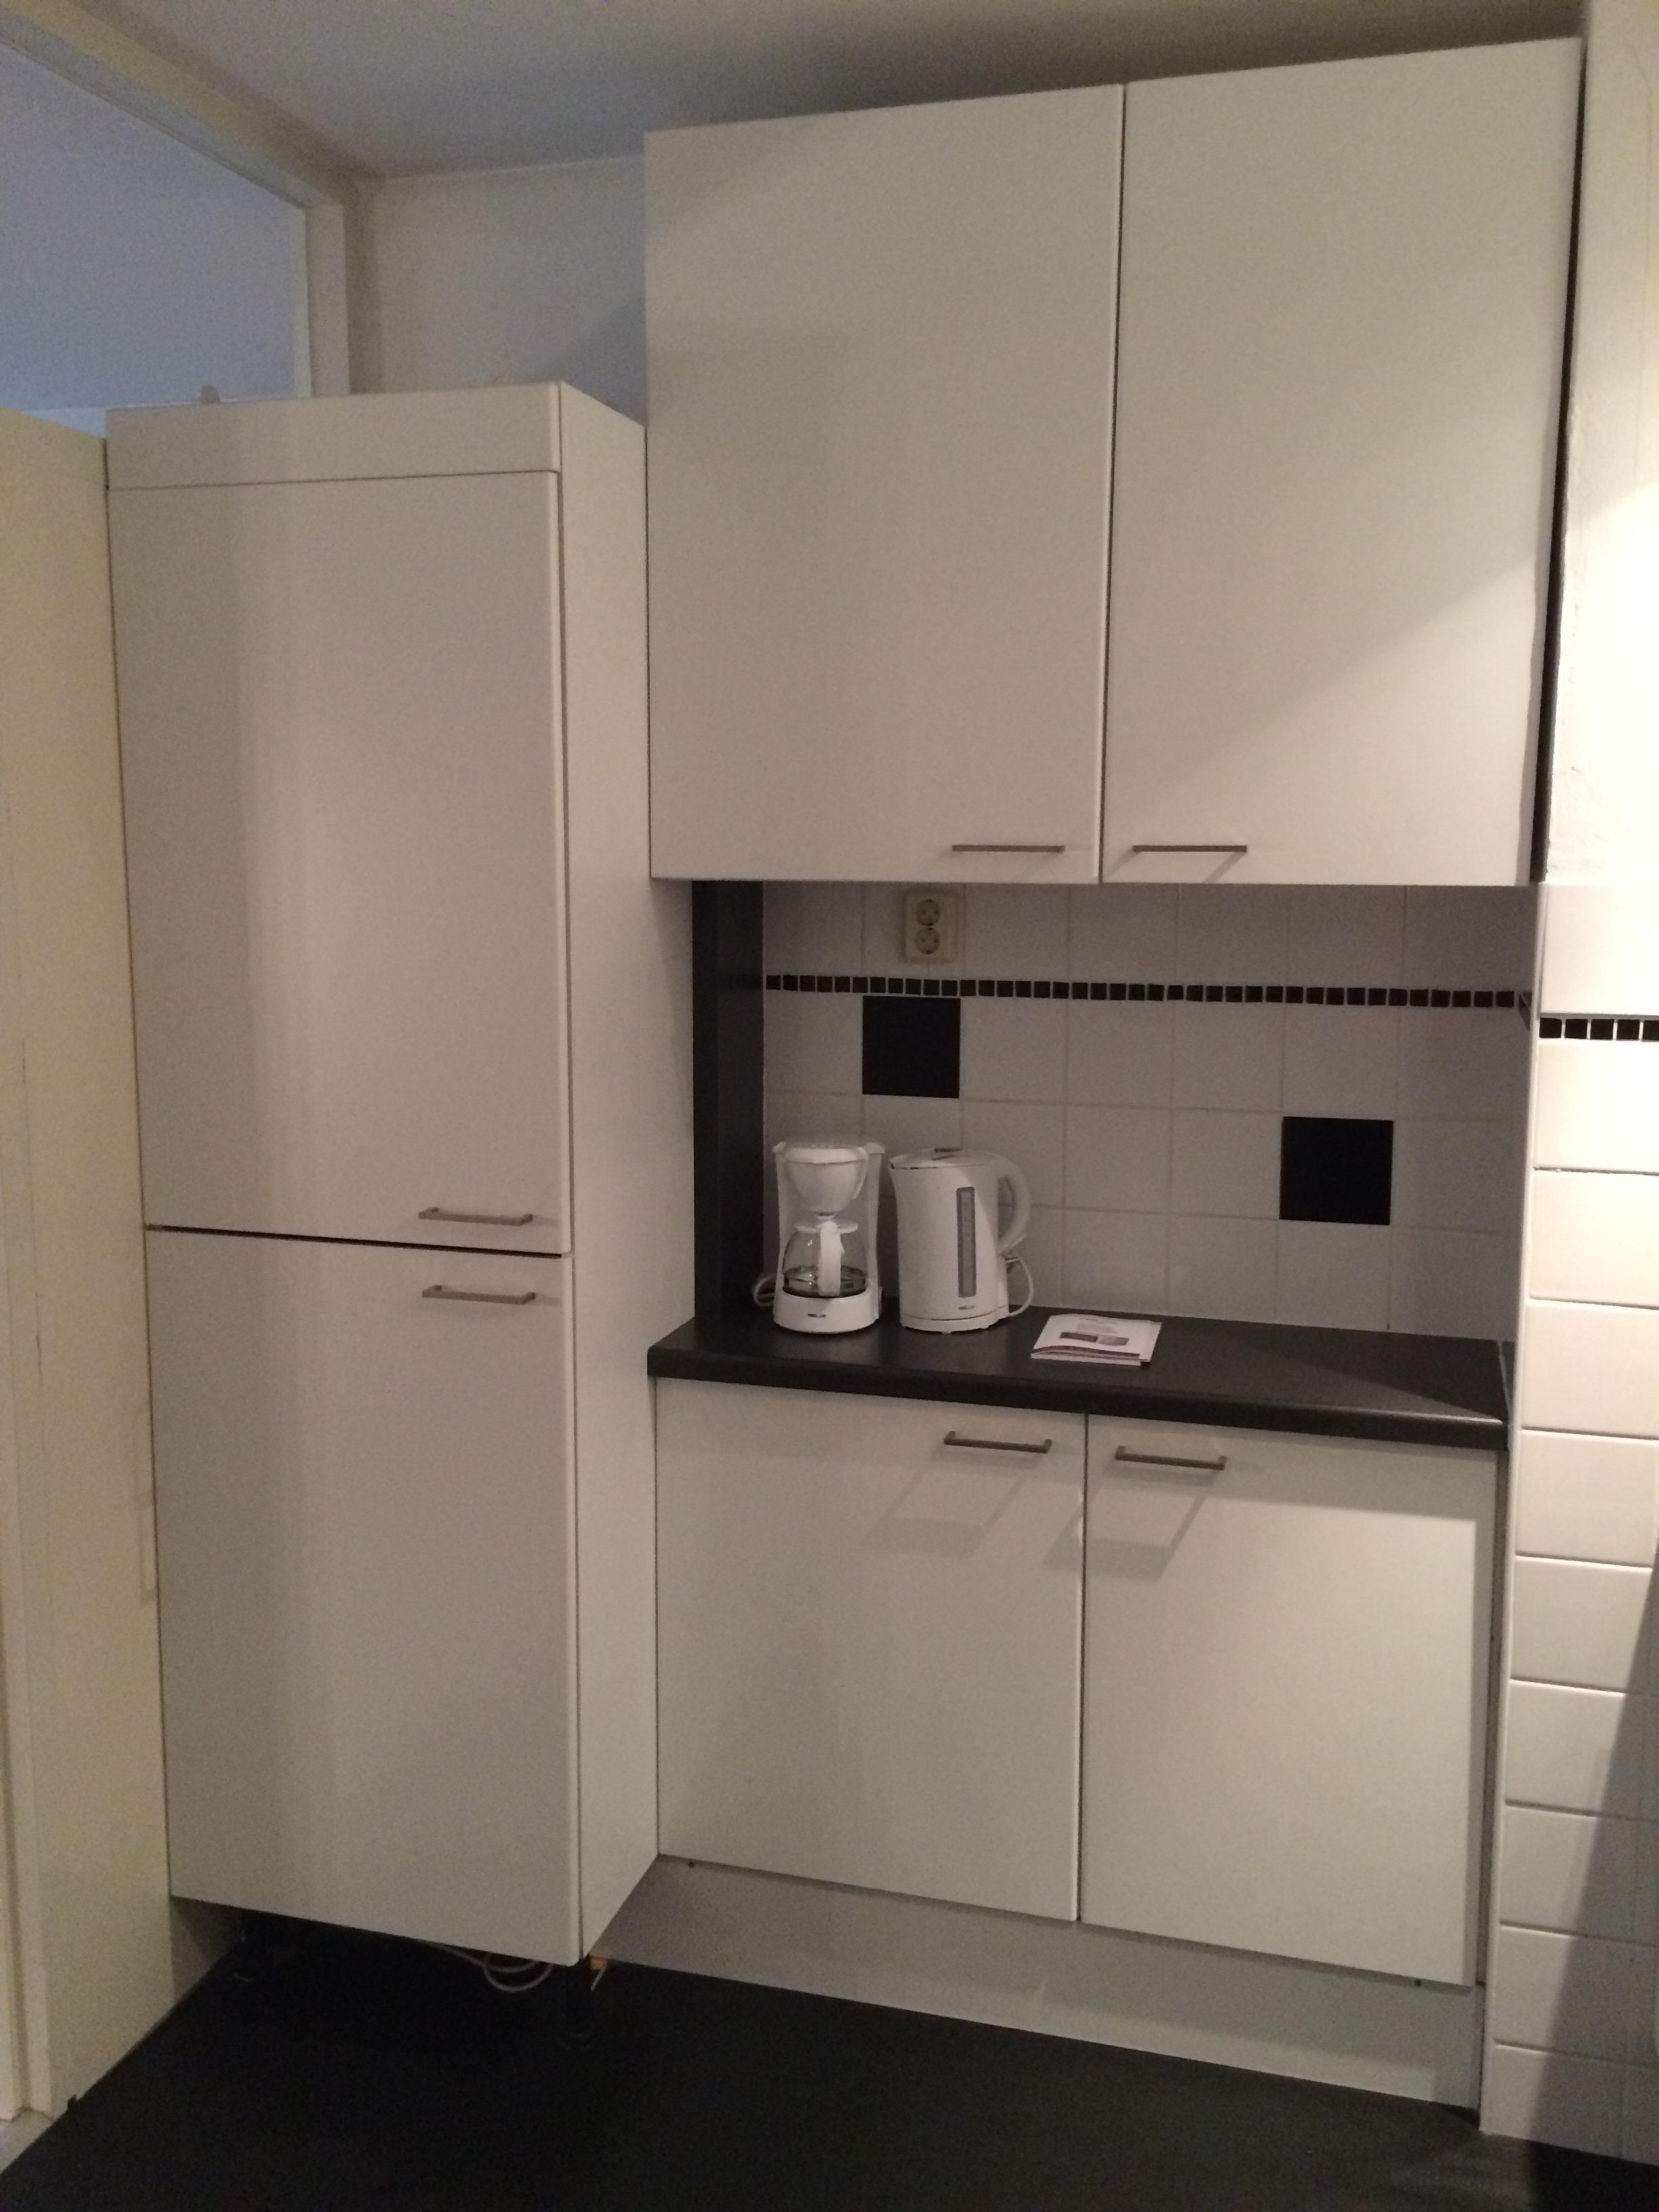 Te huur 2033 gemeubileerd appartement dichtij het centrum en de universiteit van enschede - Center meubilair keuken ...